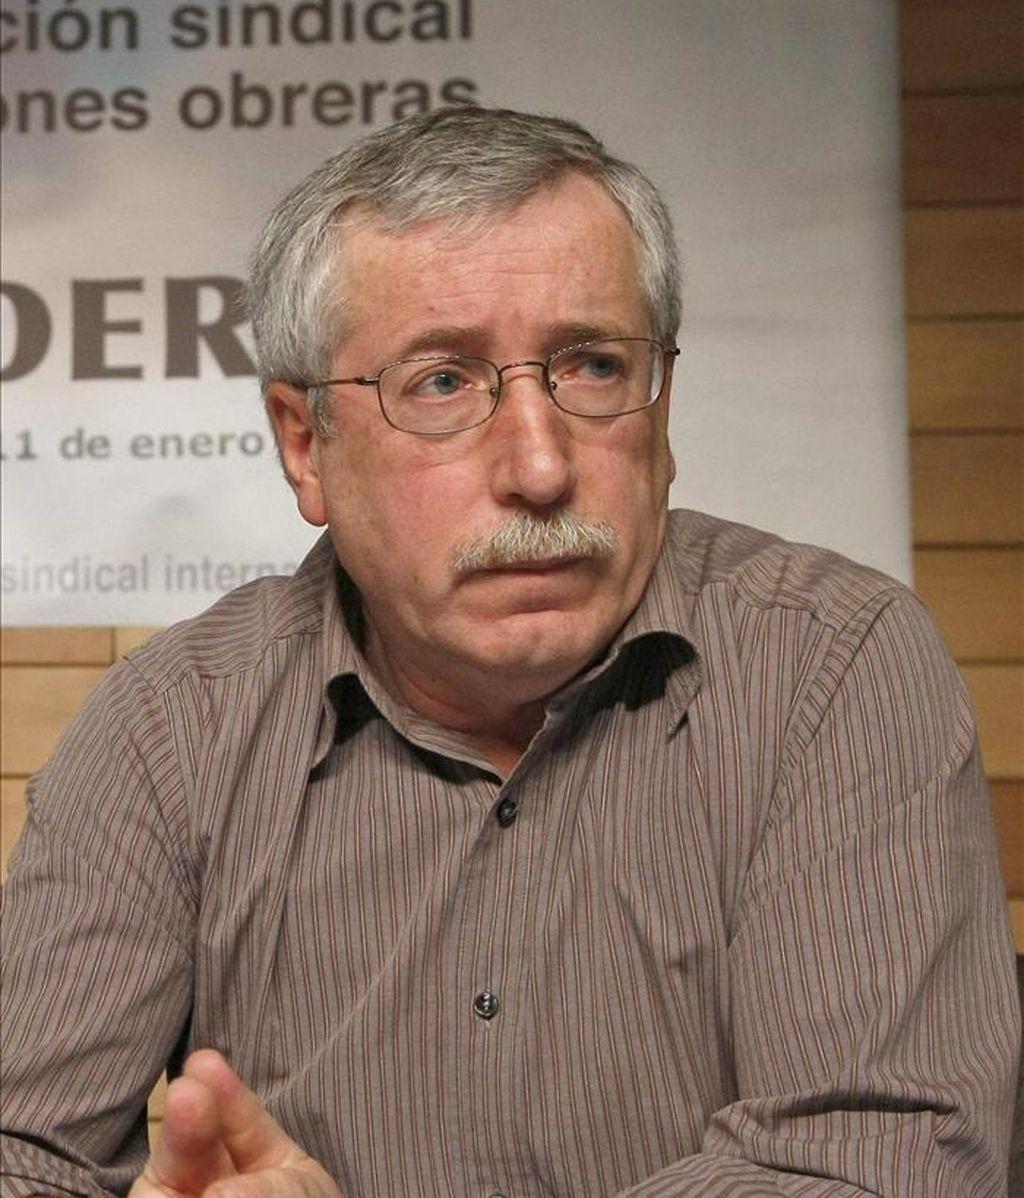 El secretario general de CC.OO, Ignacio Fernández Toxo, durante la reunión que celebró ayer el Consejo Confederal de esta central sindical. EFE